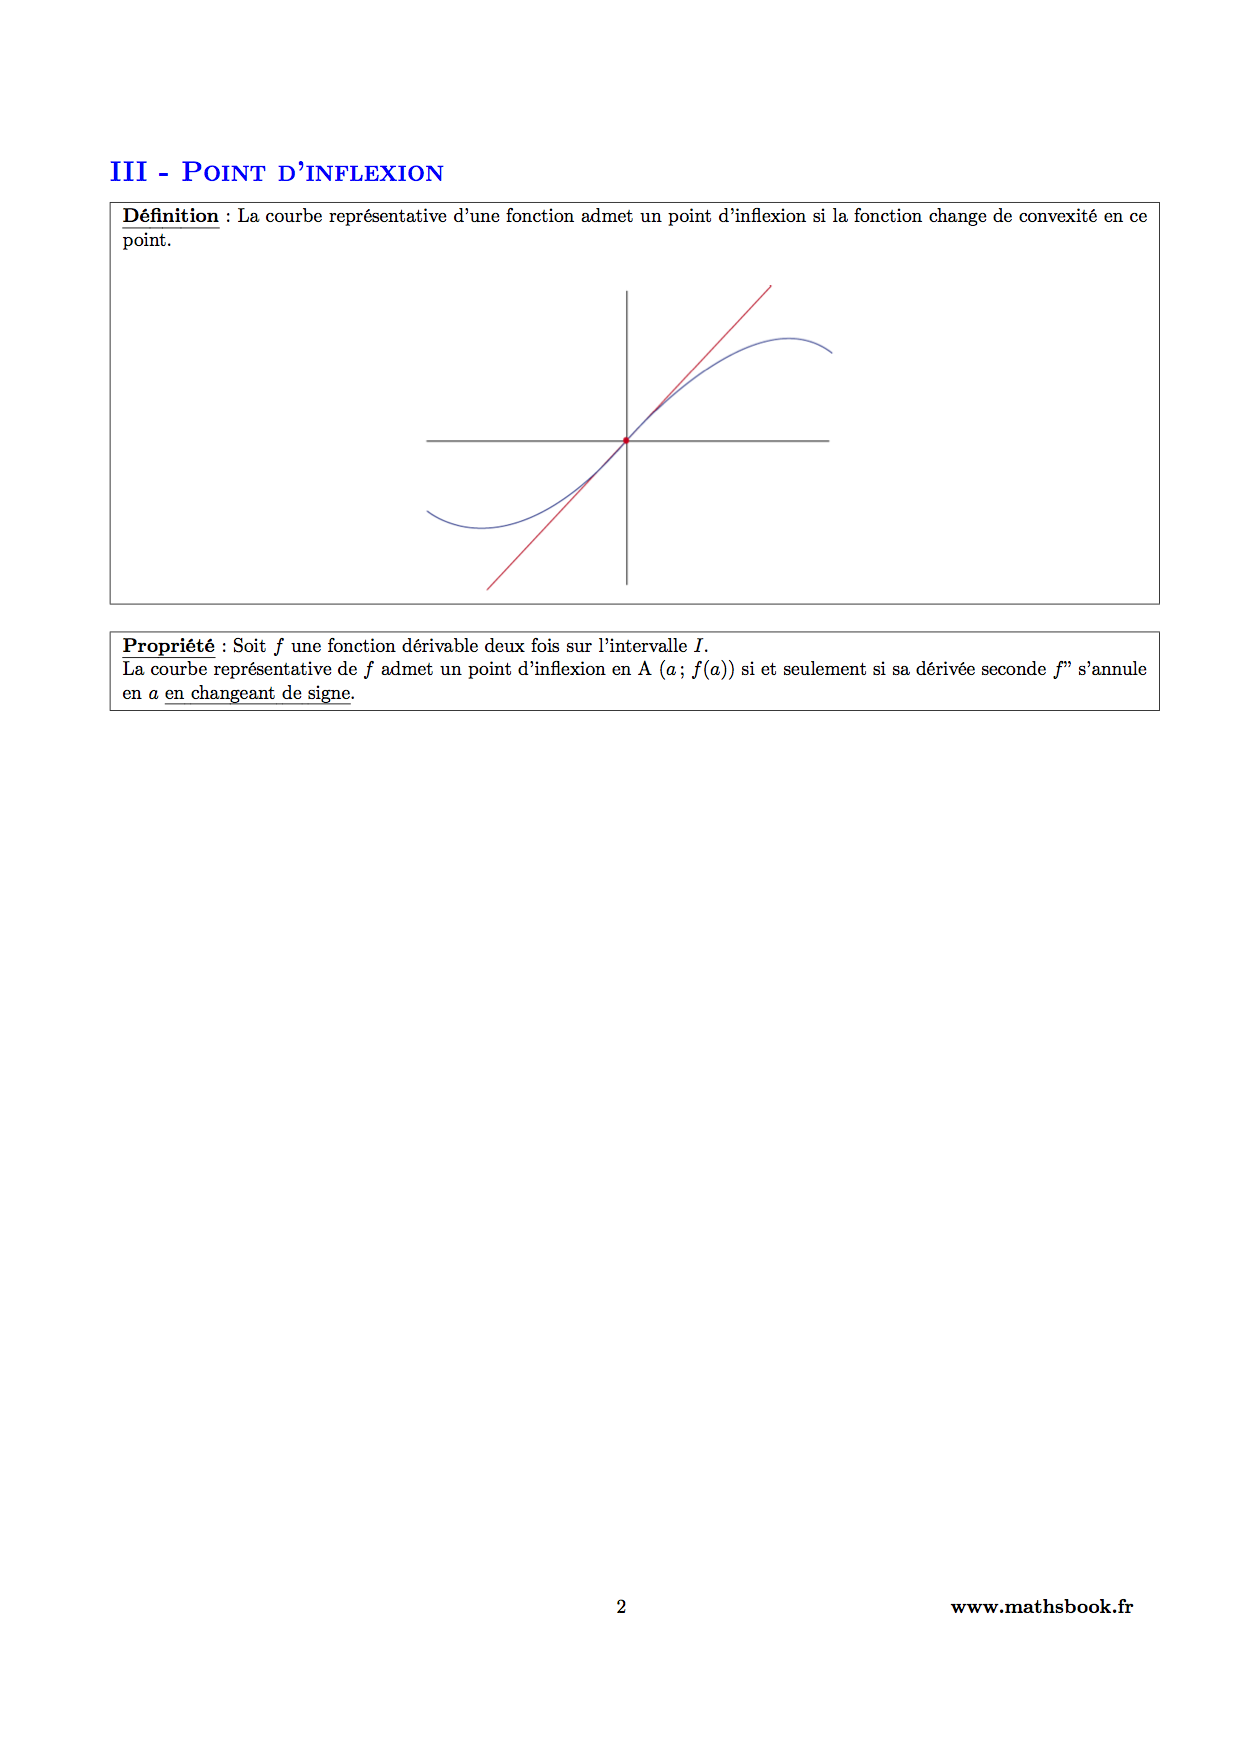 cours de maths terminale es pdf